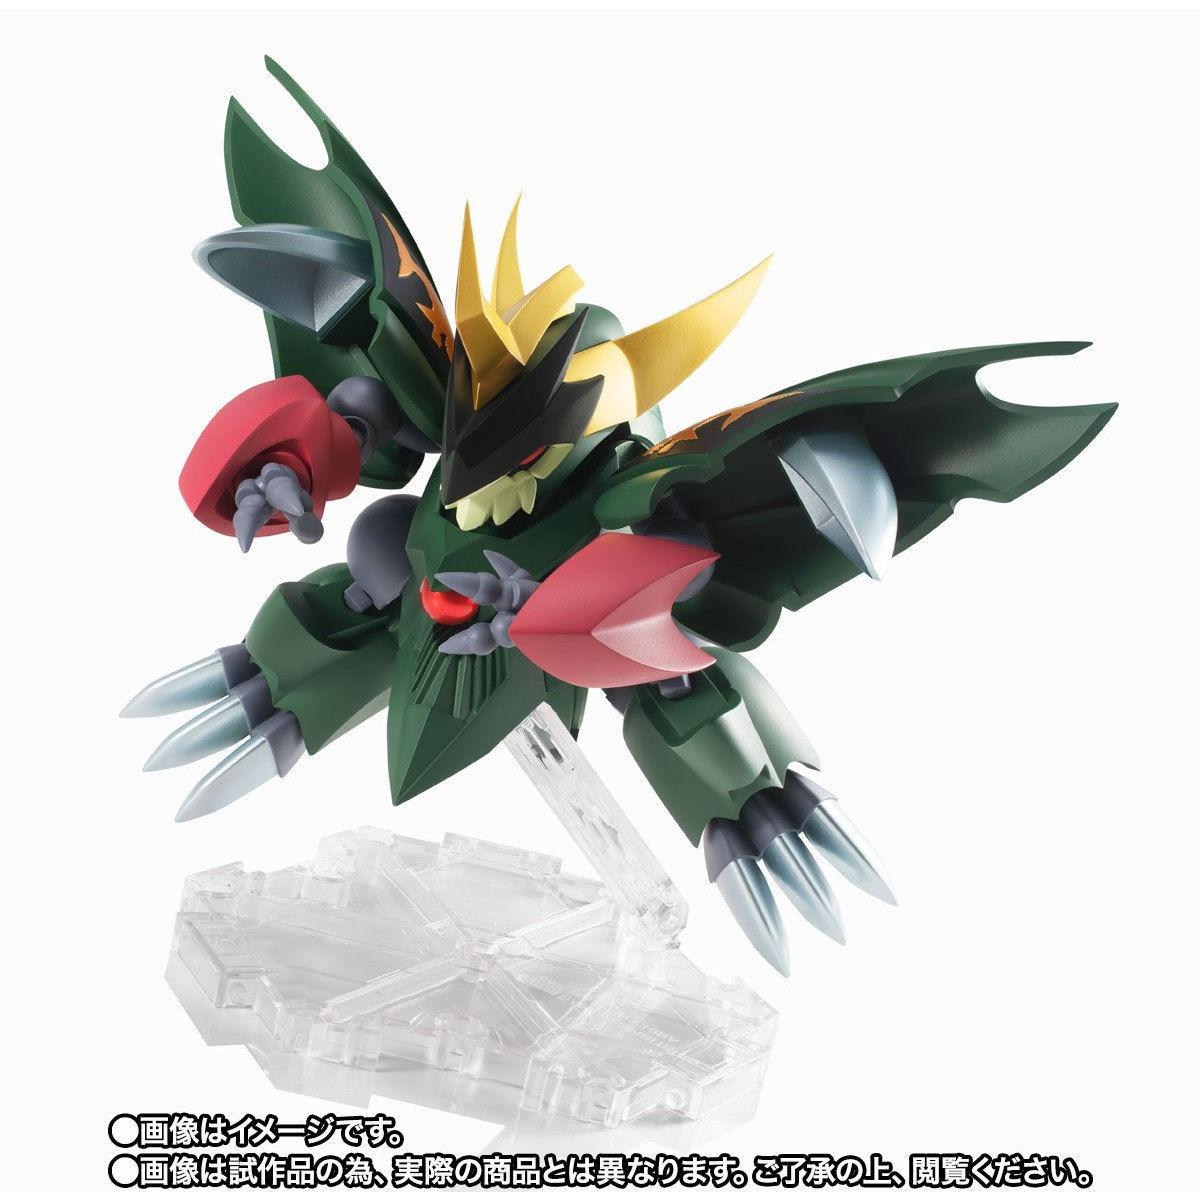 【限定販売】NXEDGE STYLE[MASHIN UNIT]『真・夏鬼丸』魔神英雄伝ワタル2 可動フィギュア-005